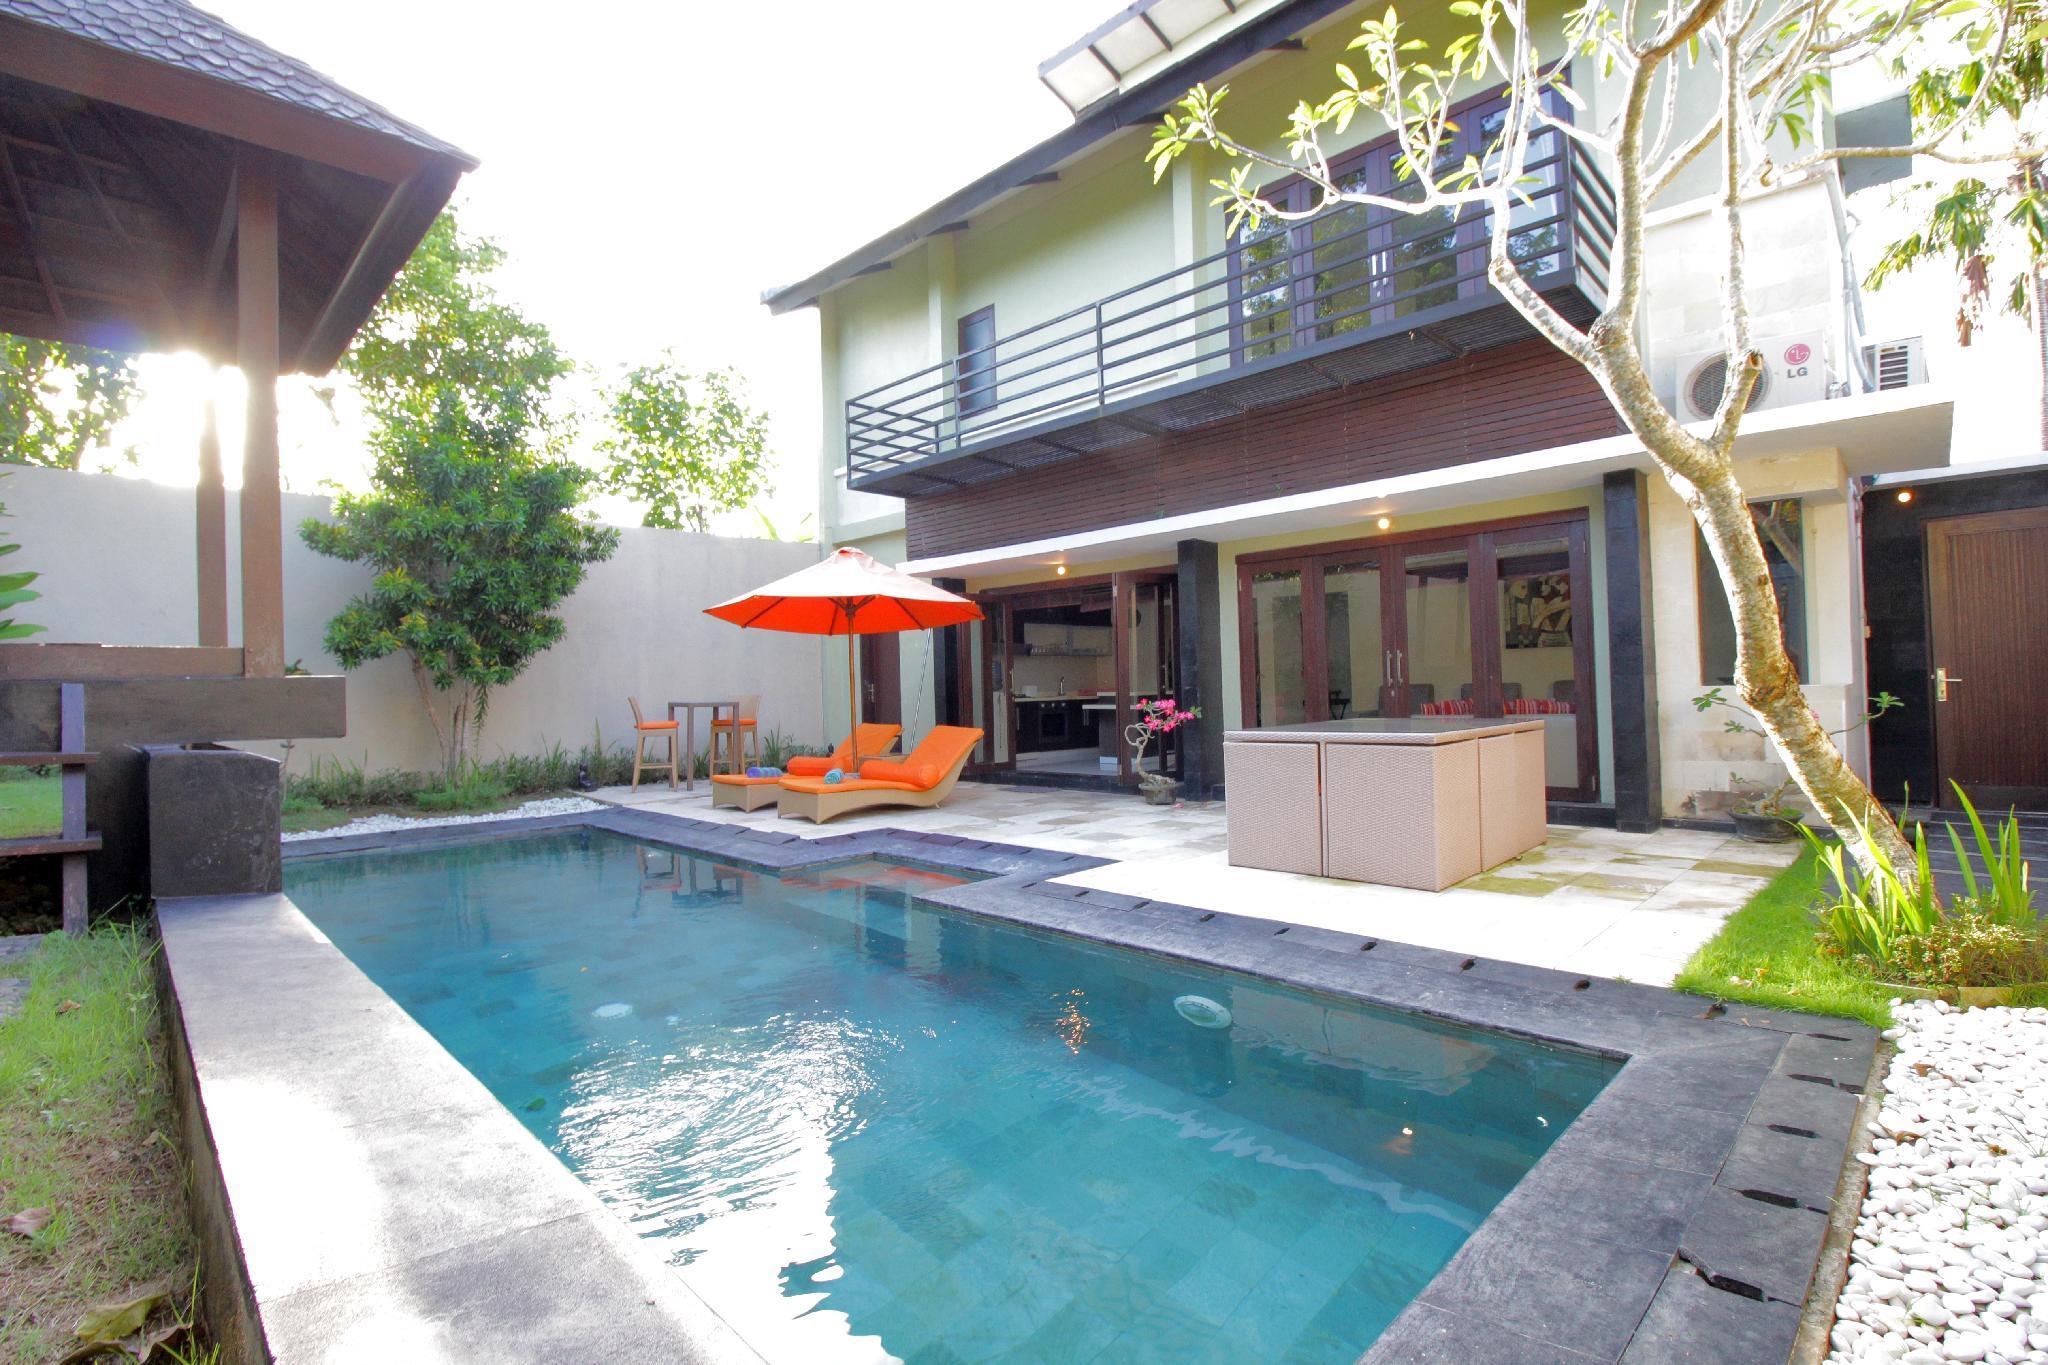 6 BDRM Villa Secret Garden Jimbaran